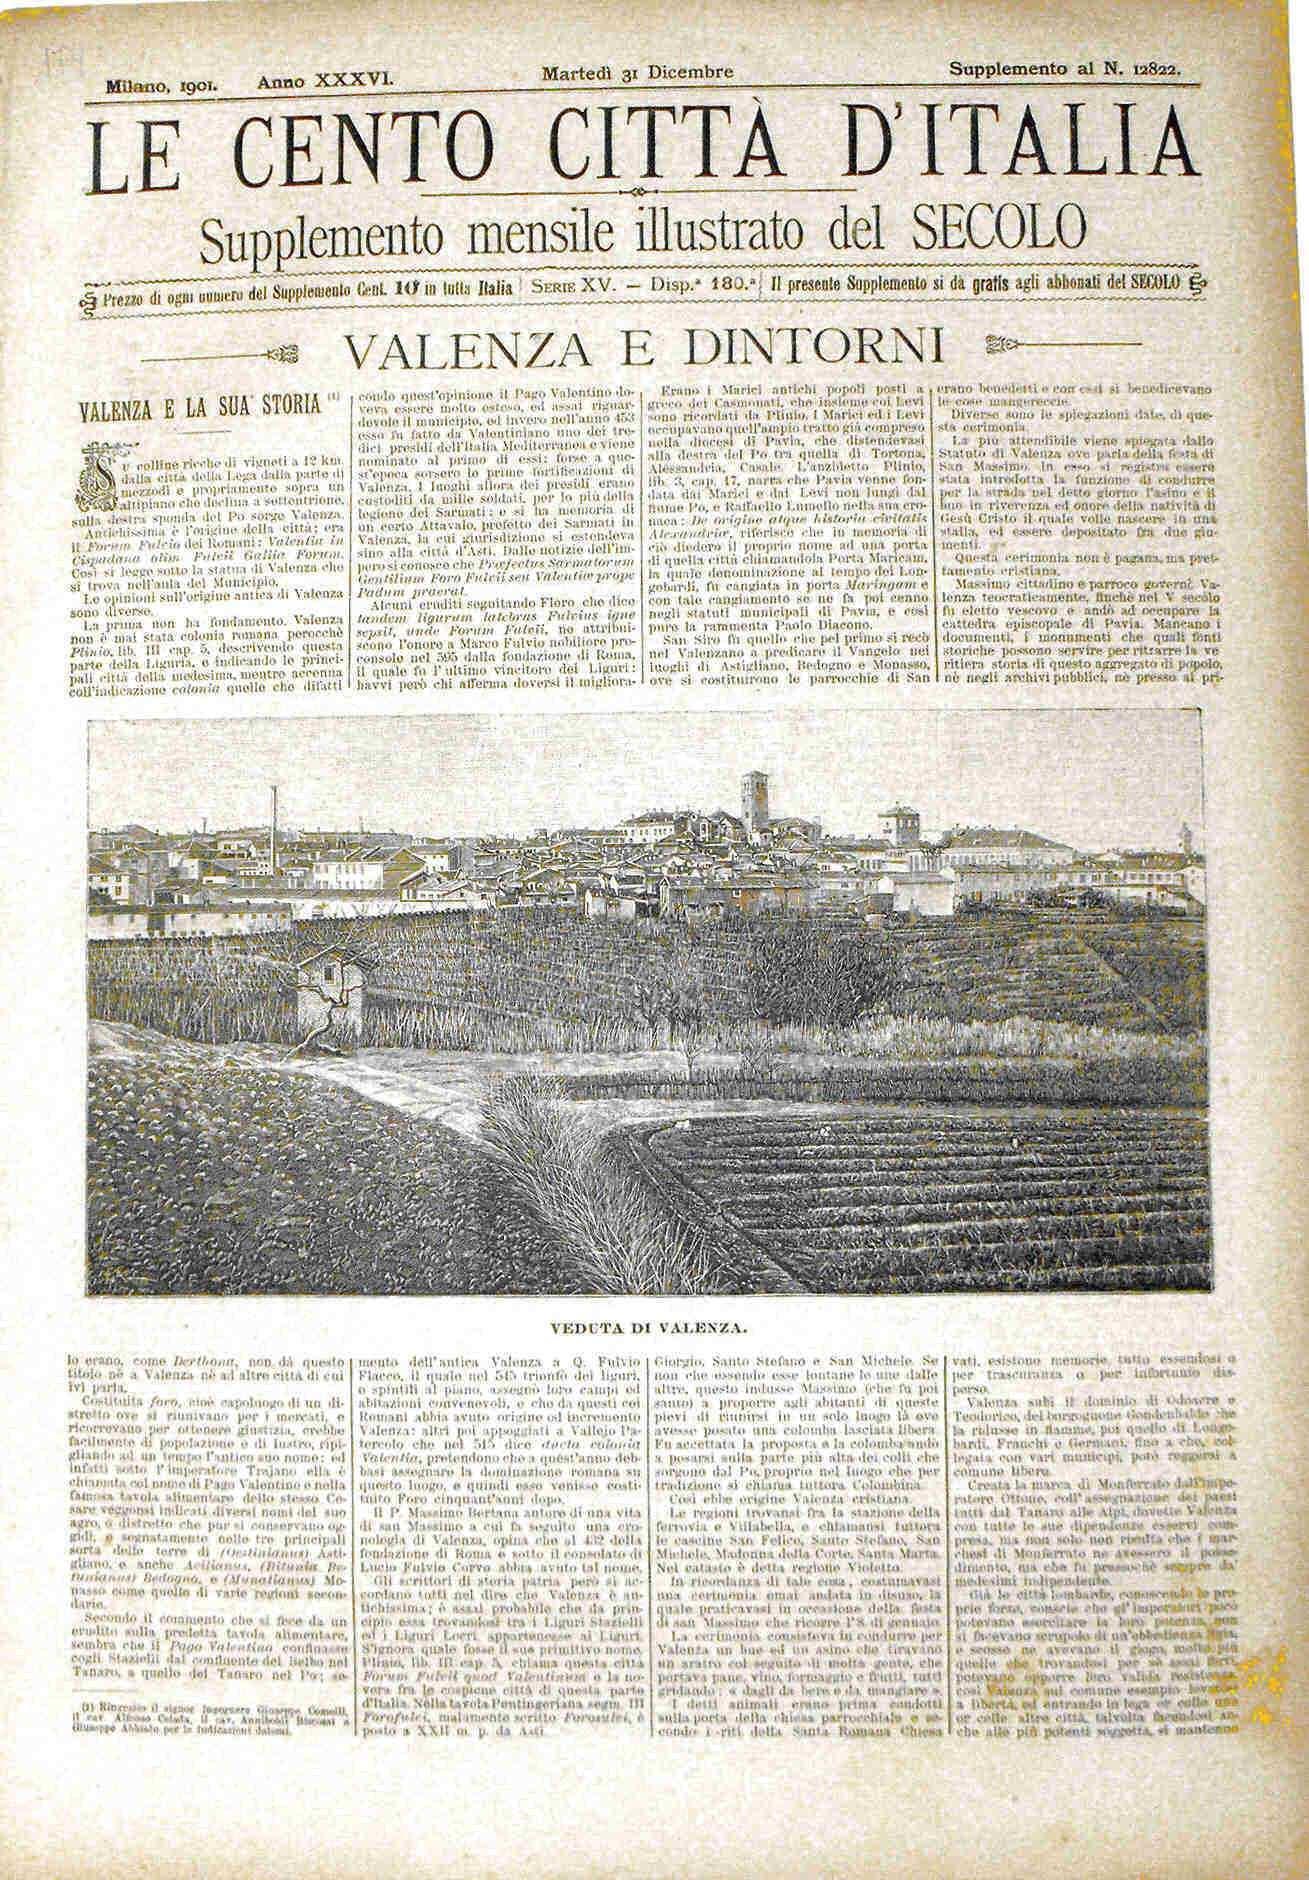 Le cento citt? d'Italia - VALENZA E DINTORNI